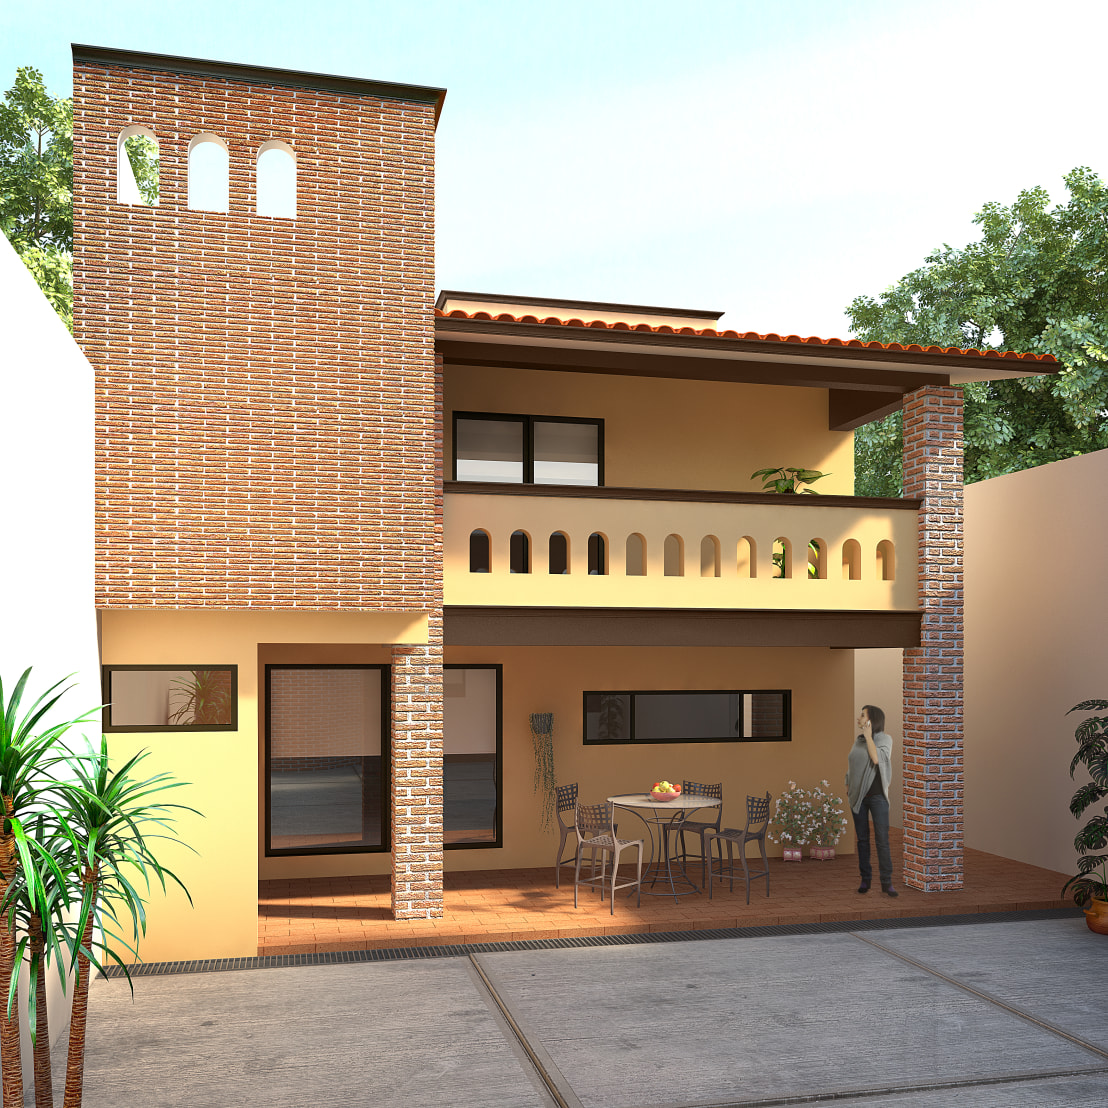 Dise os de casas de dos pisos con ideas para inspirarte for Disenos de pisos para casas